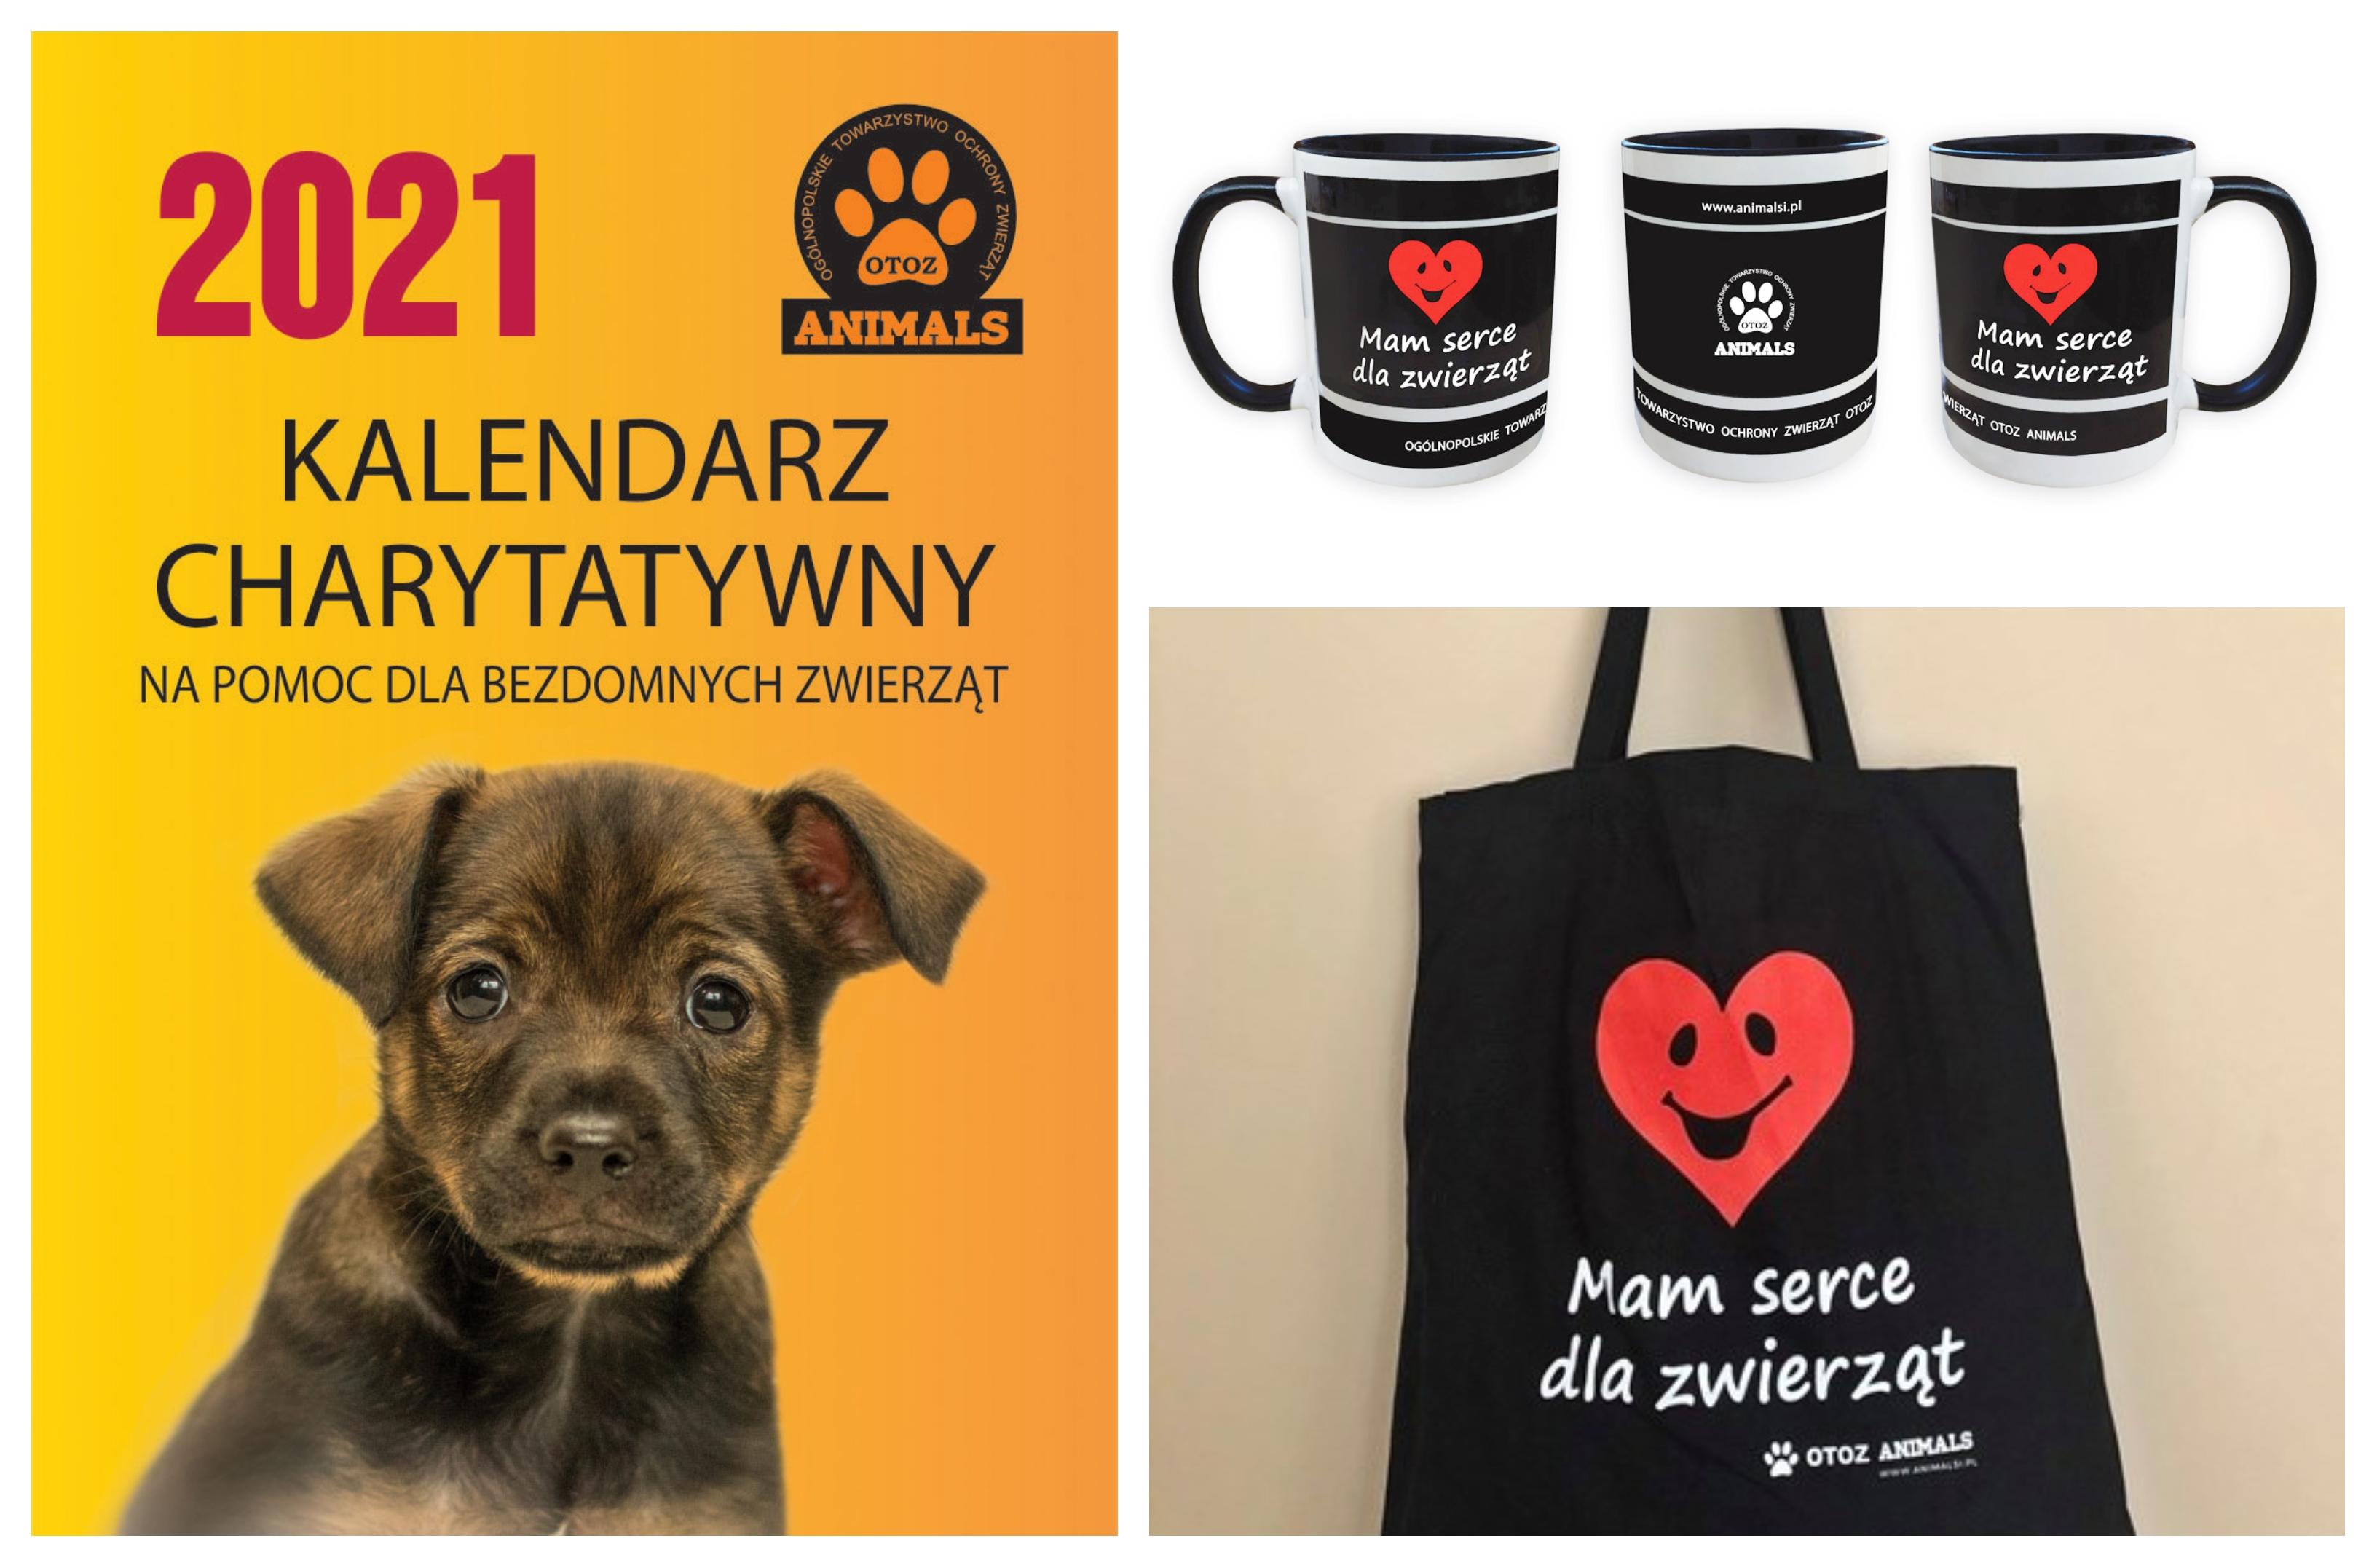 Kolaż zdjęć produktów ze sklepu OTOZ Animals, źródło OTOZ Animals